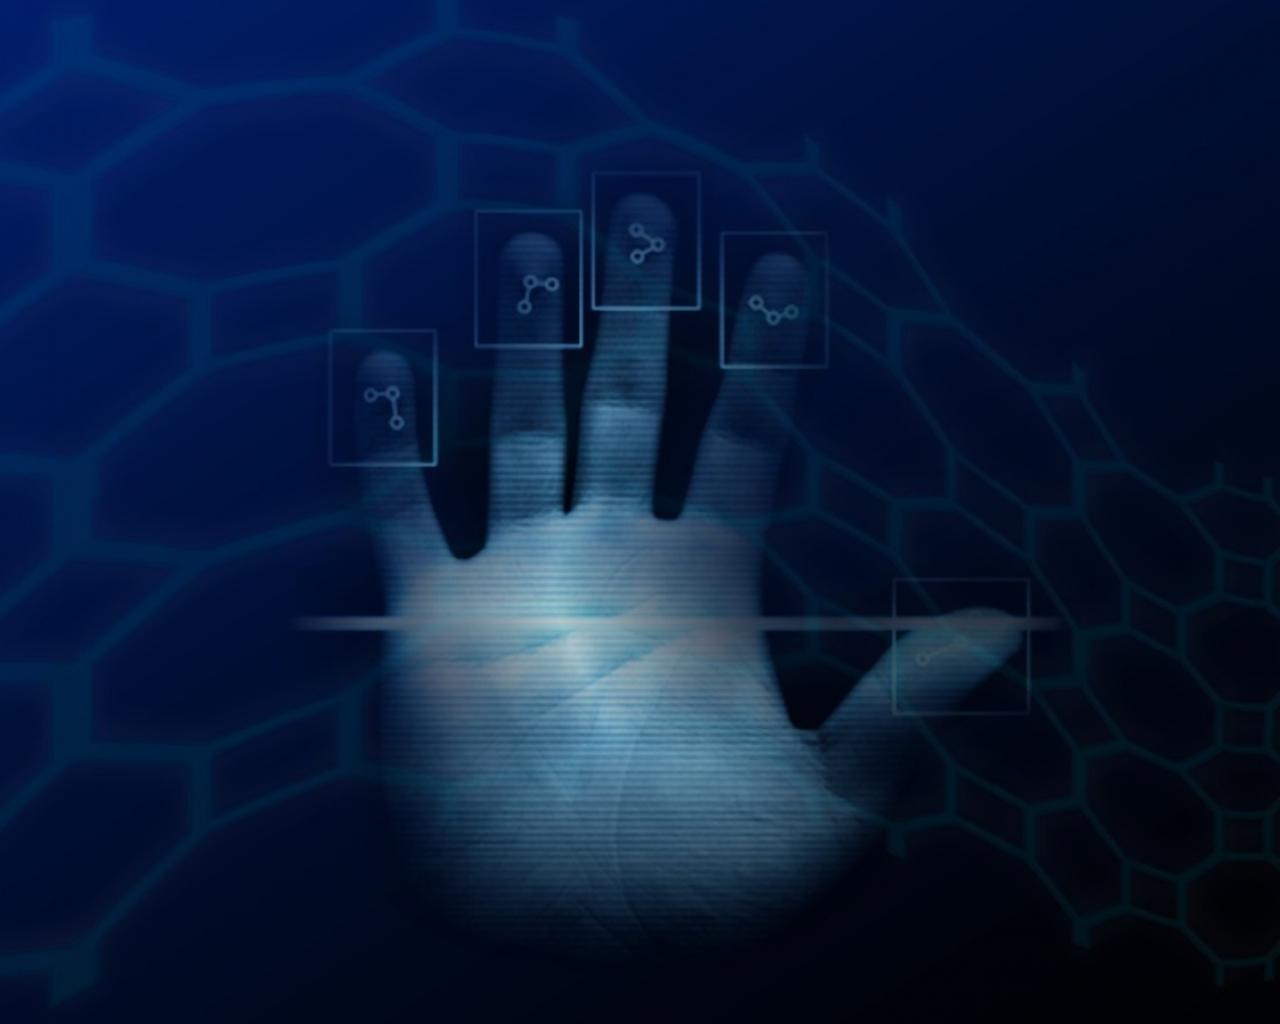 Hackers Y Tecnologia Hd 1280x1024